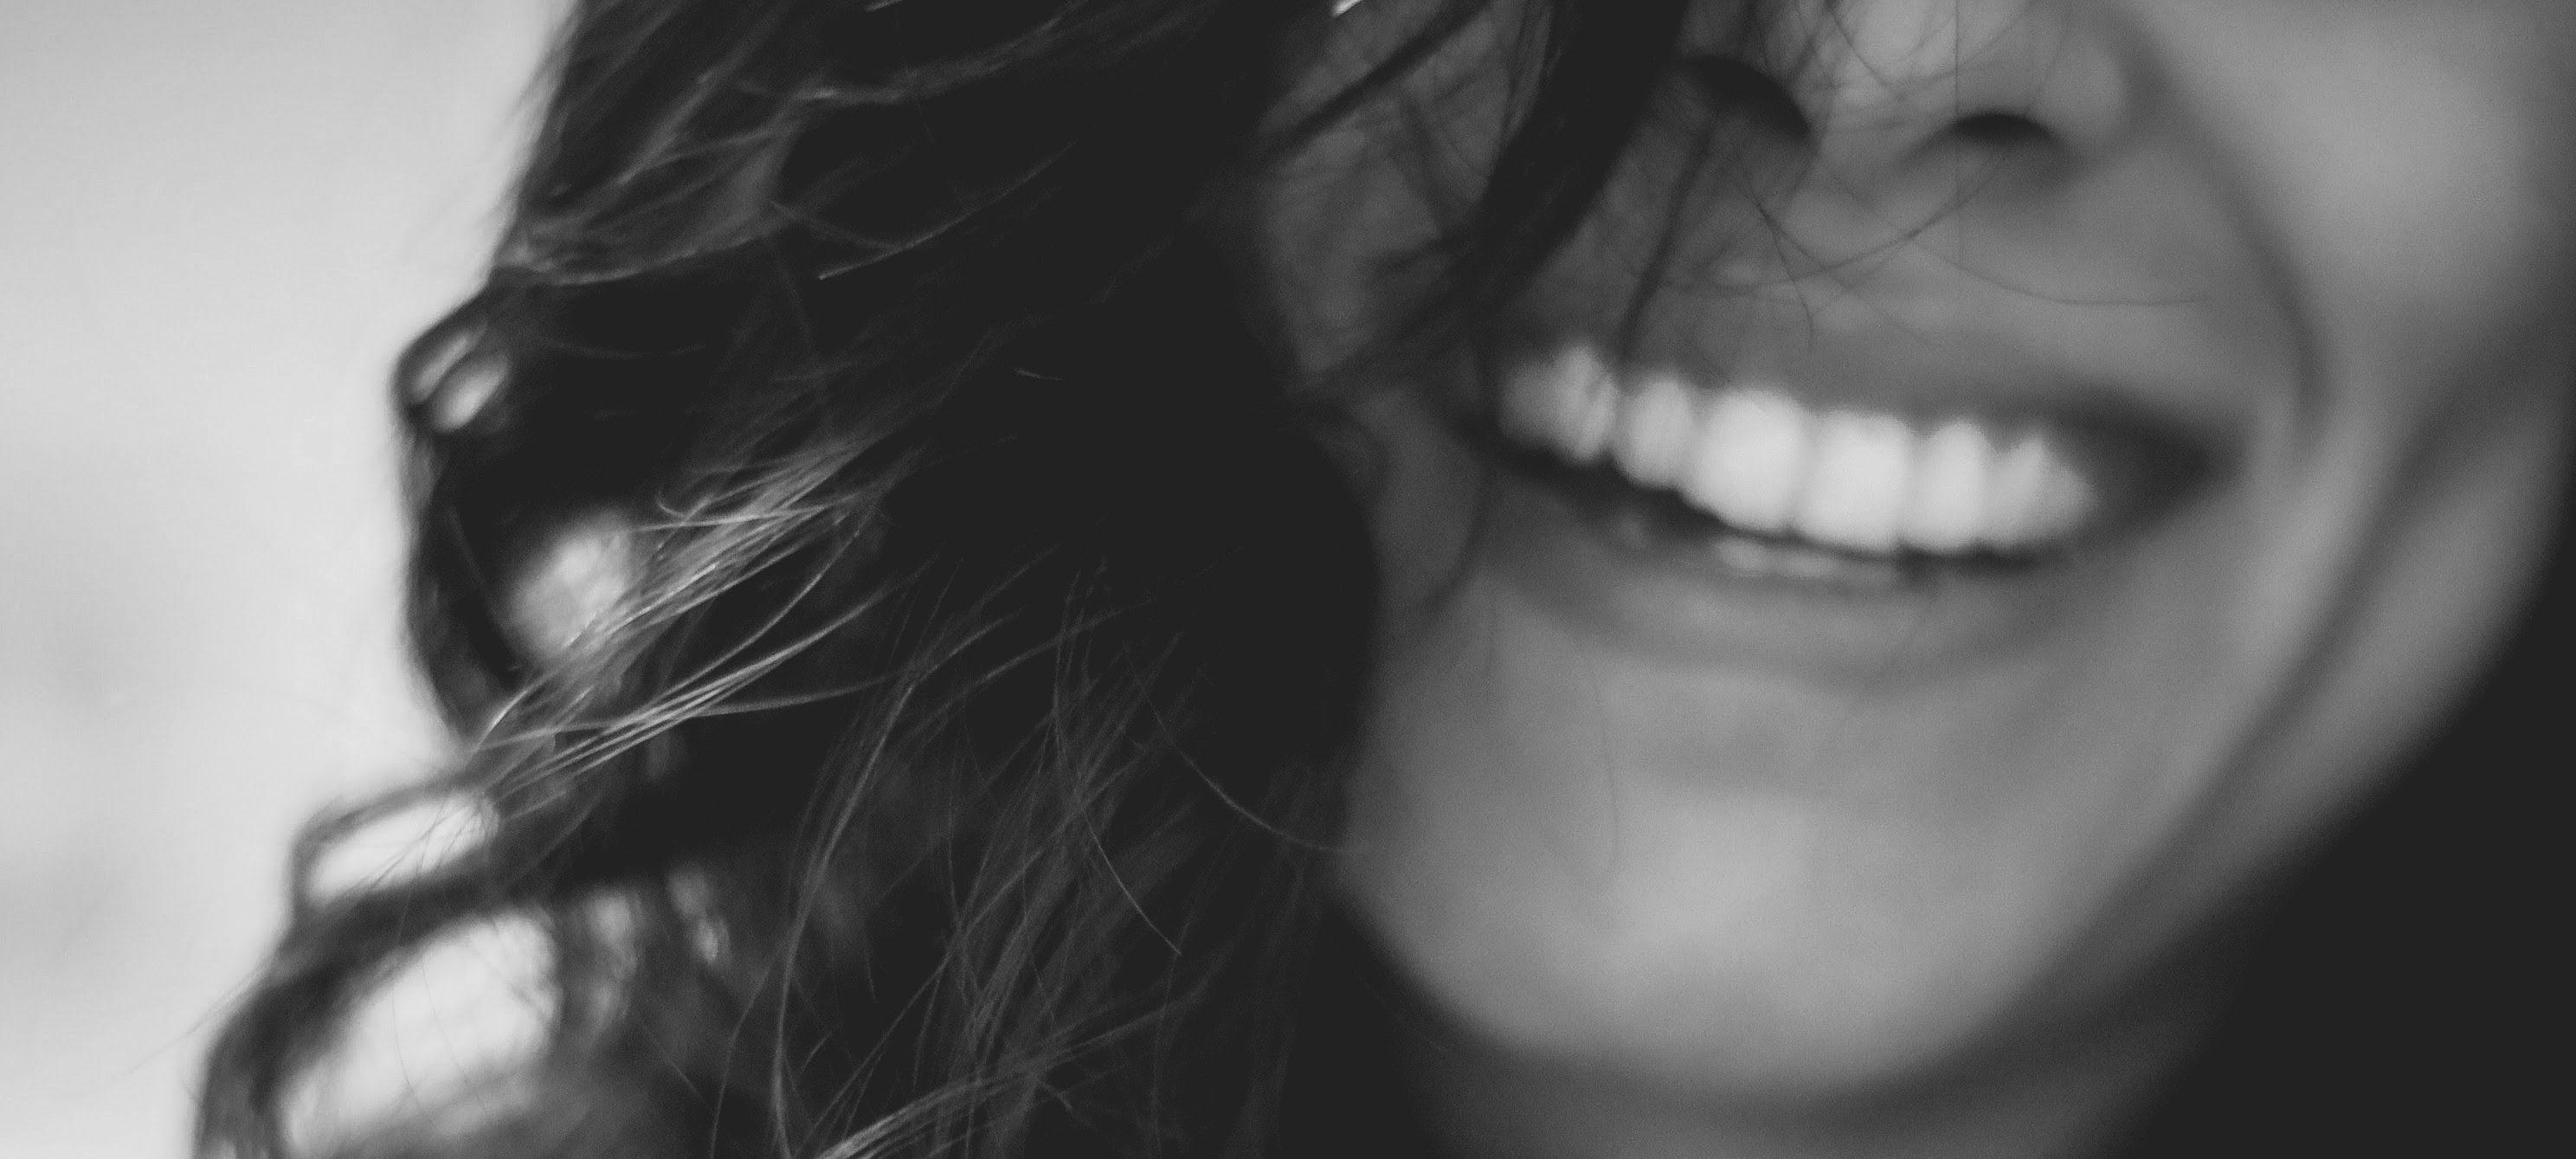 malmö frisör hairtalk extensions hårförlängning balayage olaplex lanza tandblekning massage malibuc klippning barnklippning slingor onlinebokning malmöfrisör frisörmalmö ipl dermapen mesoterapi filler fillers dermorganic